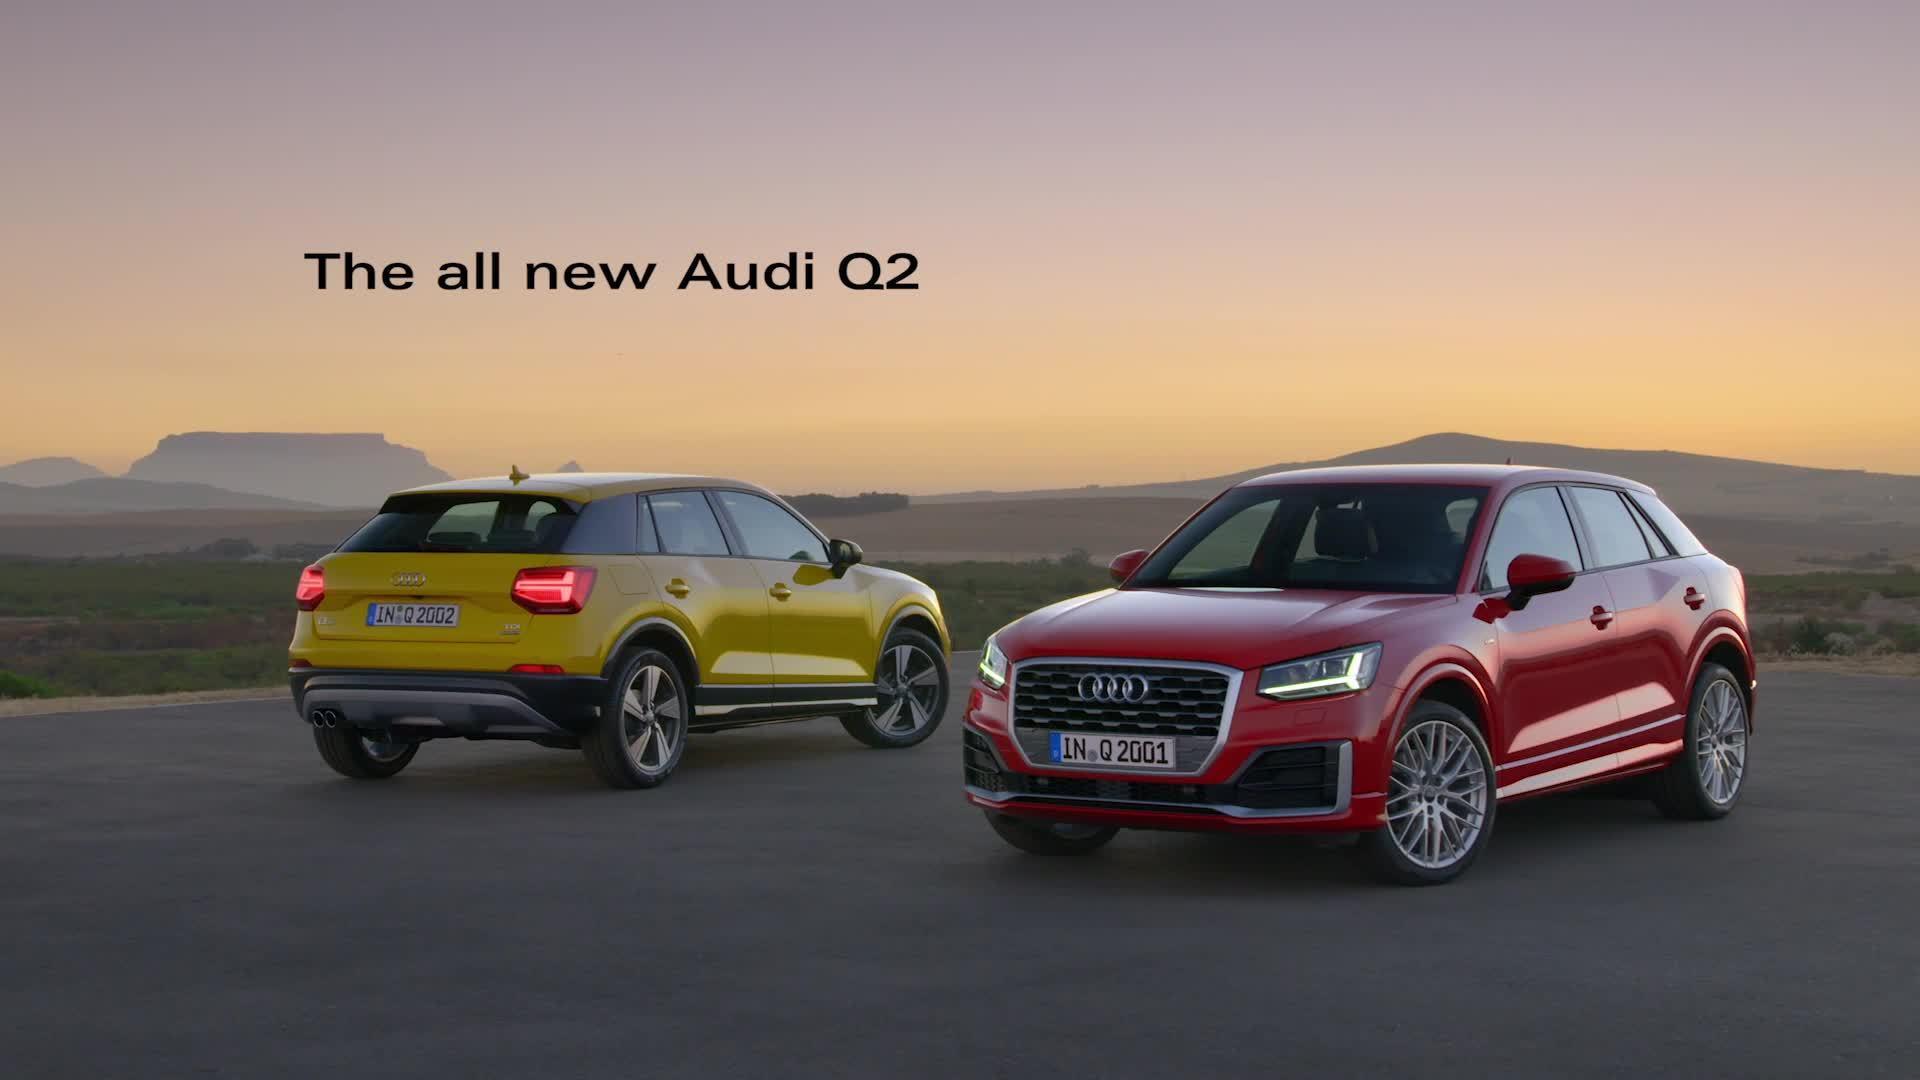 Der Allrounder für die Stadt - Der neue Audi Q2